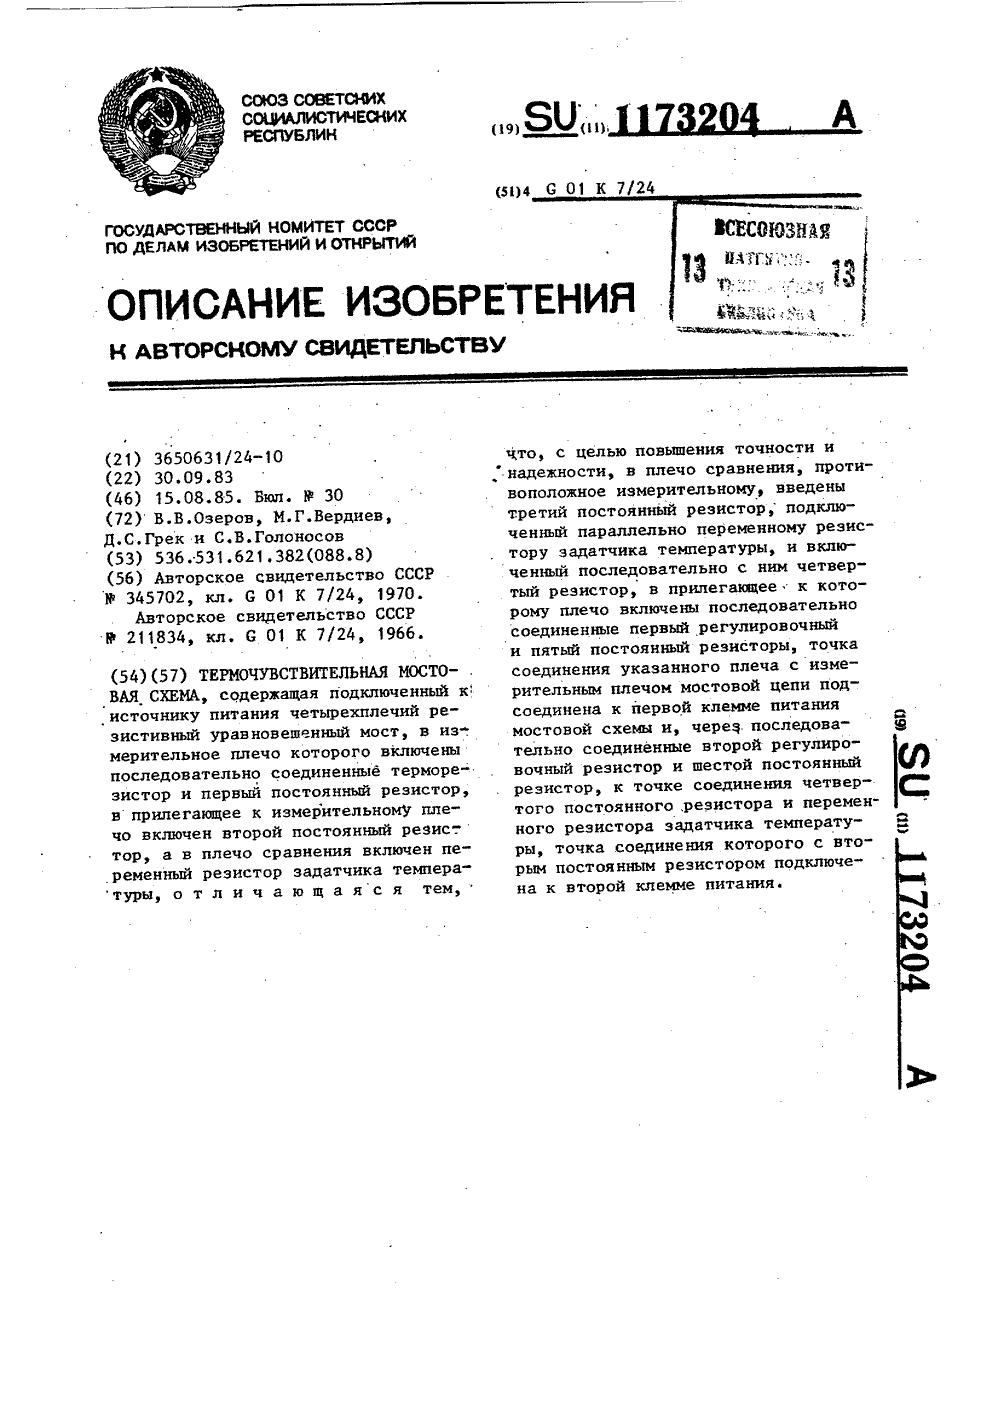 мостовая схема с терморезисторами